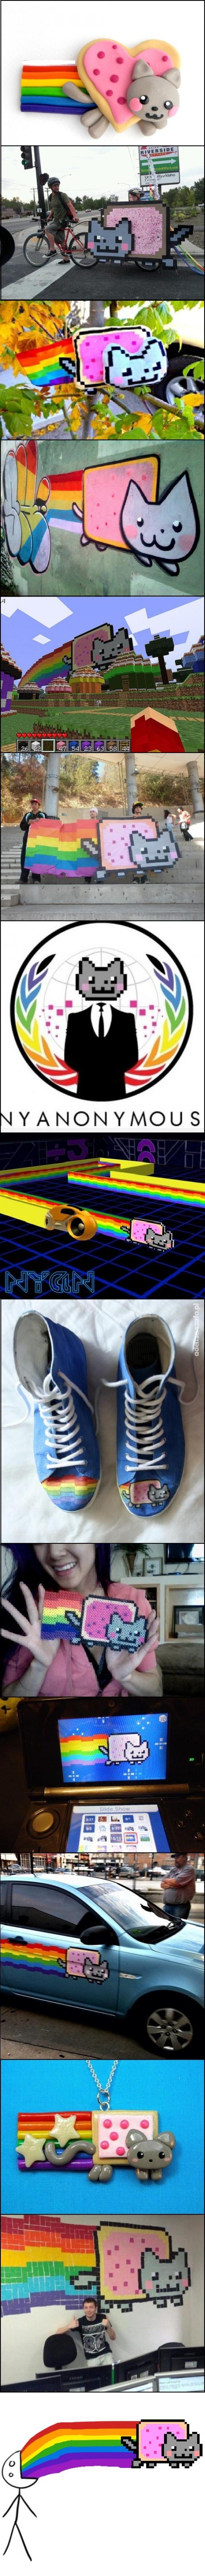 nyan,nyan cat,puke rainbows